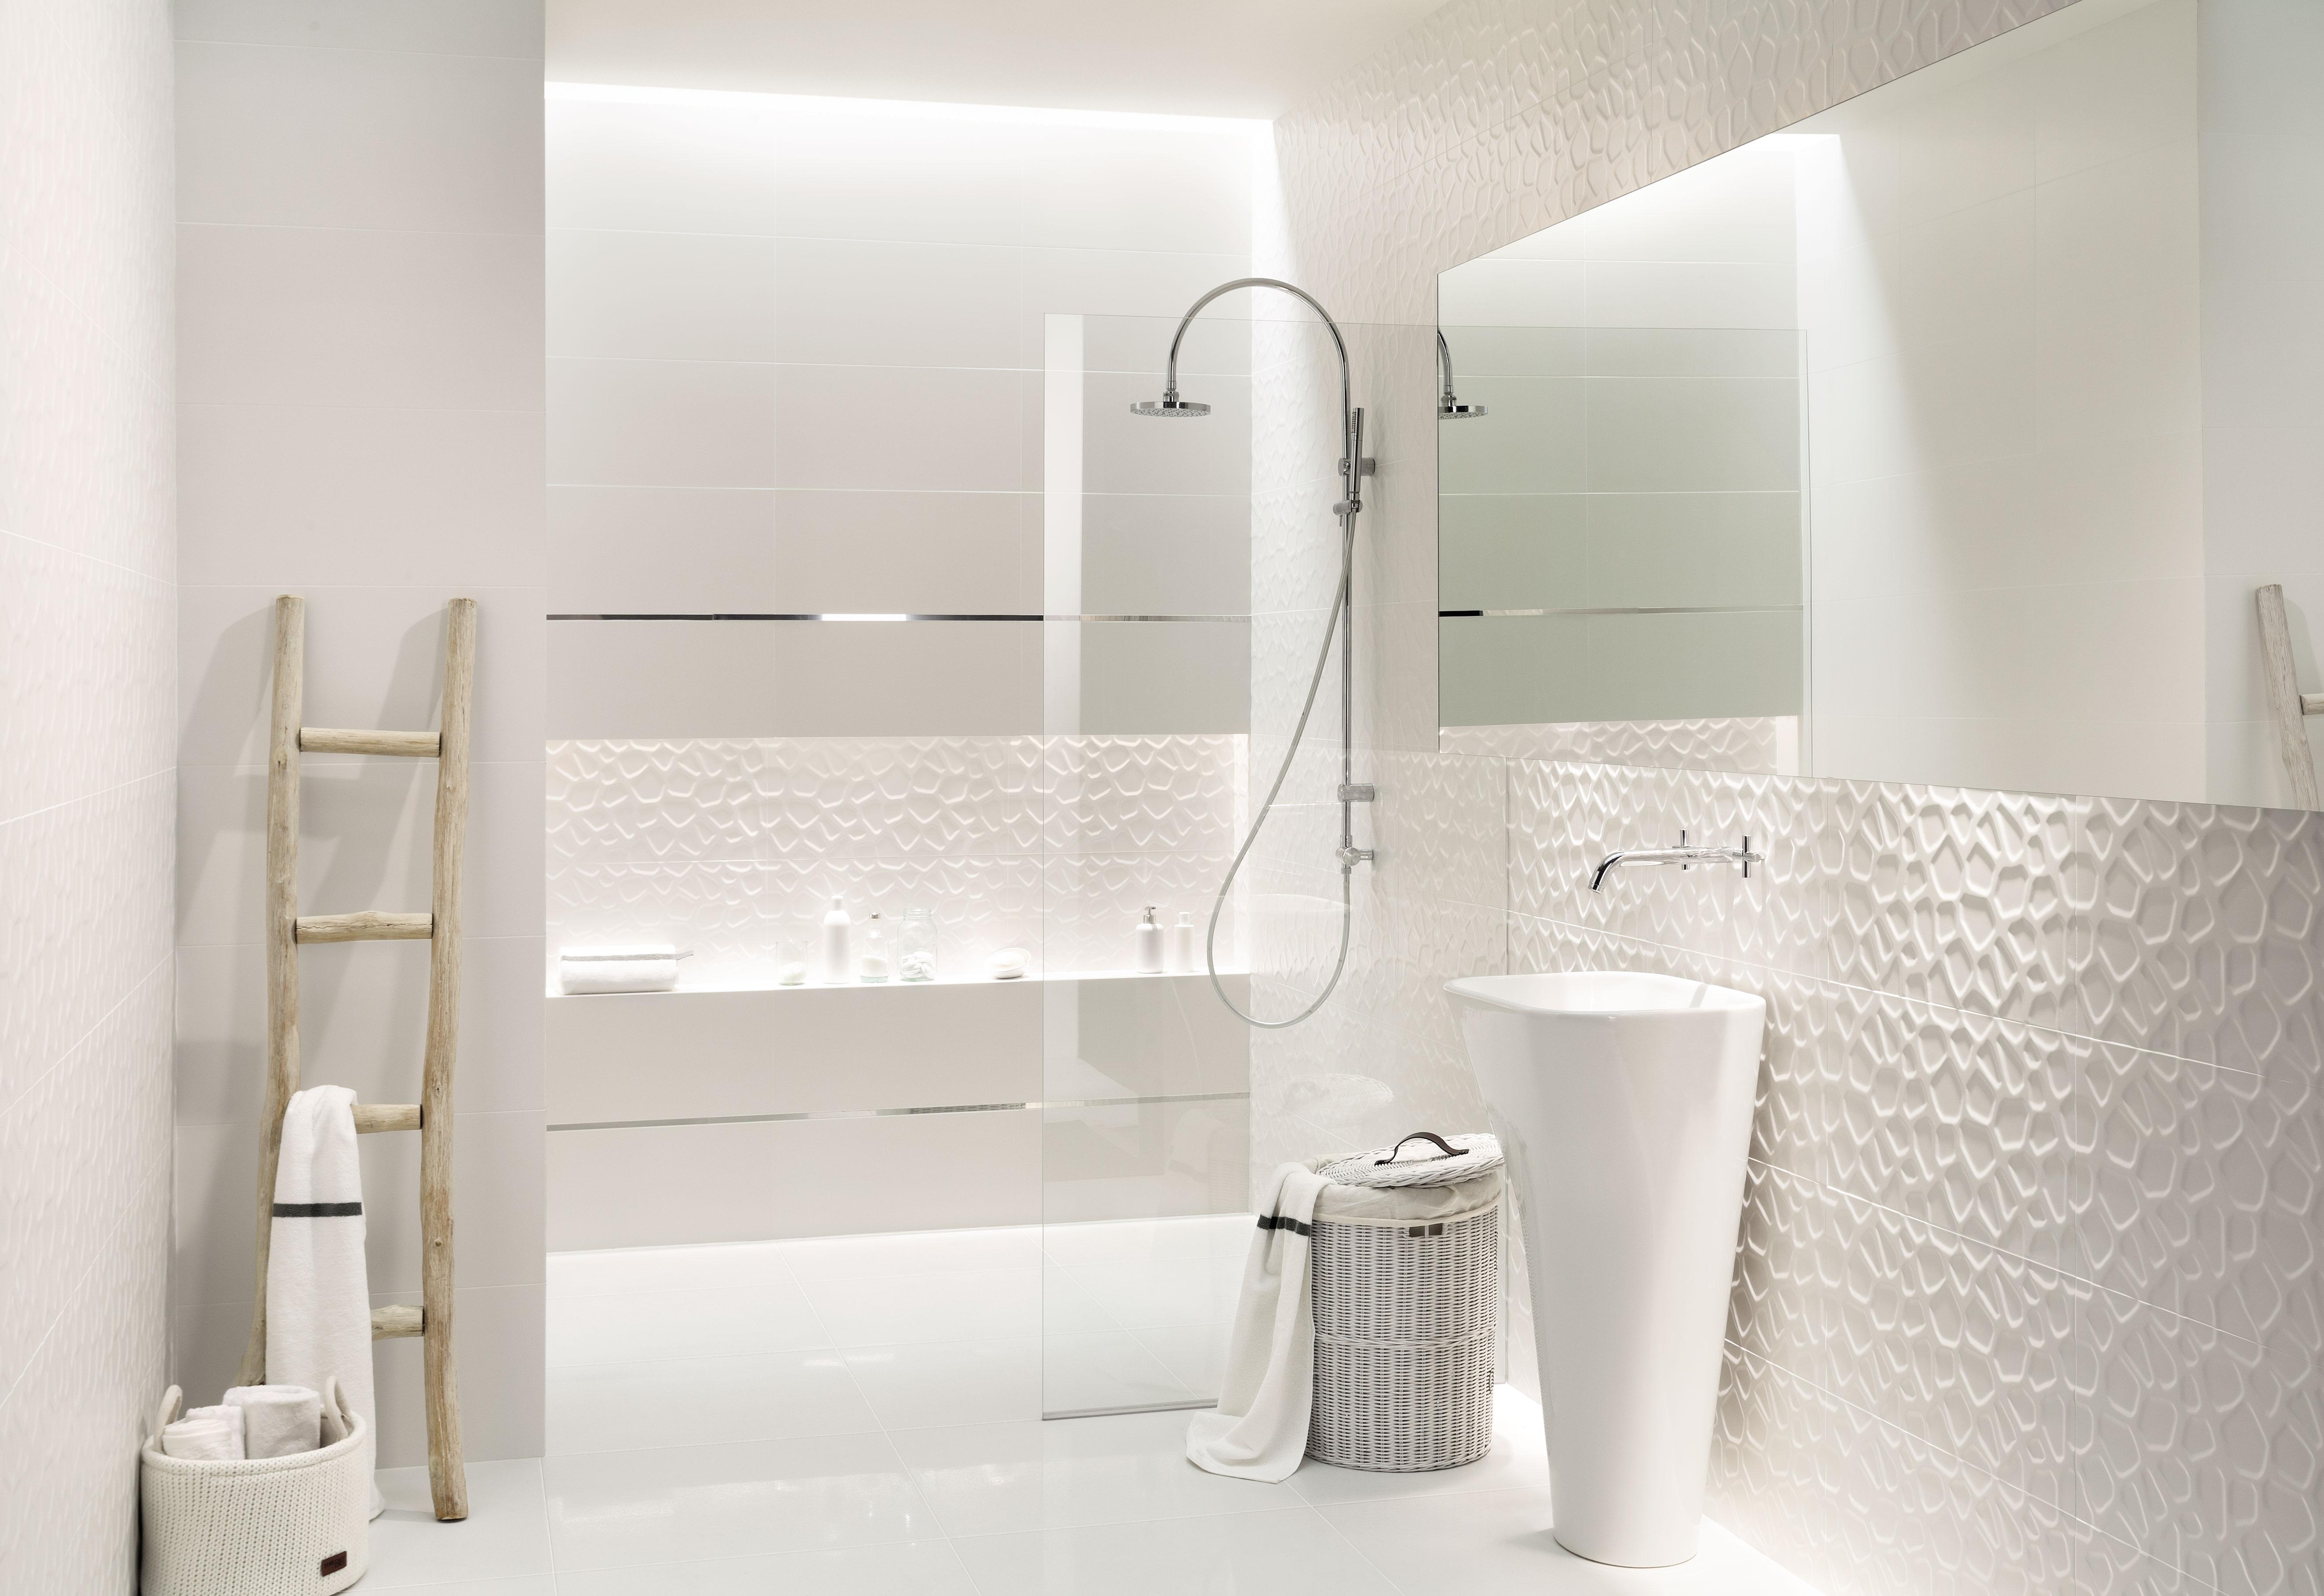 Przestrzeń otulona bielą - wakacyjny klimat w kolekcjach marki Tubądzin